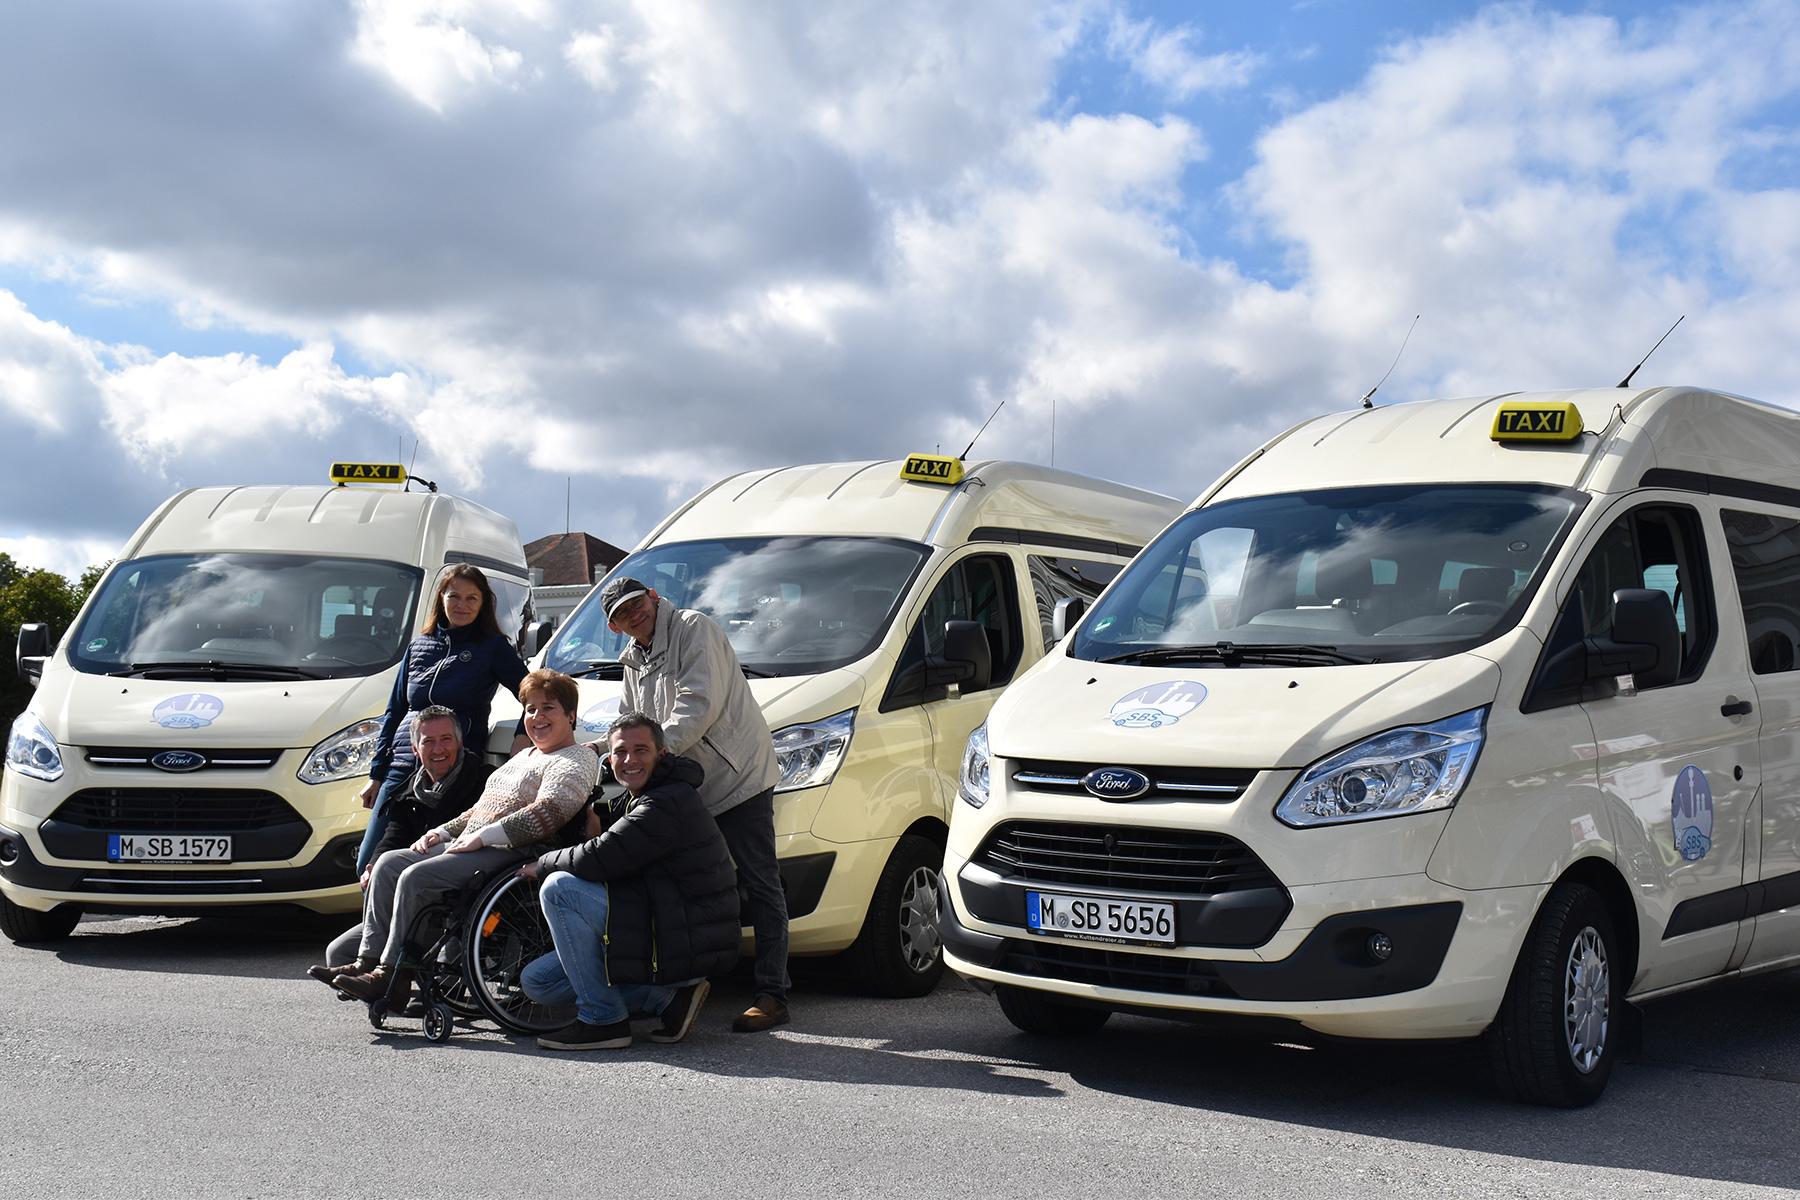 SBS Taxi-Fuhrpark -davor steht eine Rollstuhlfahrerin und vier Begleitern